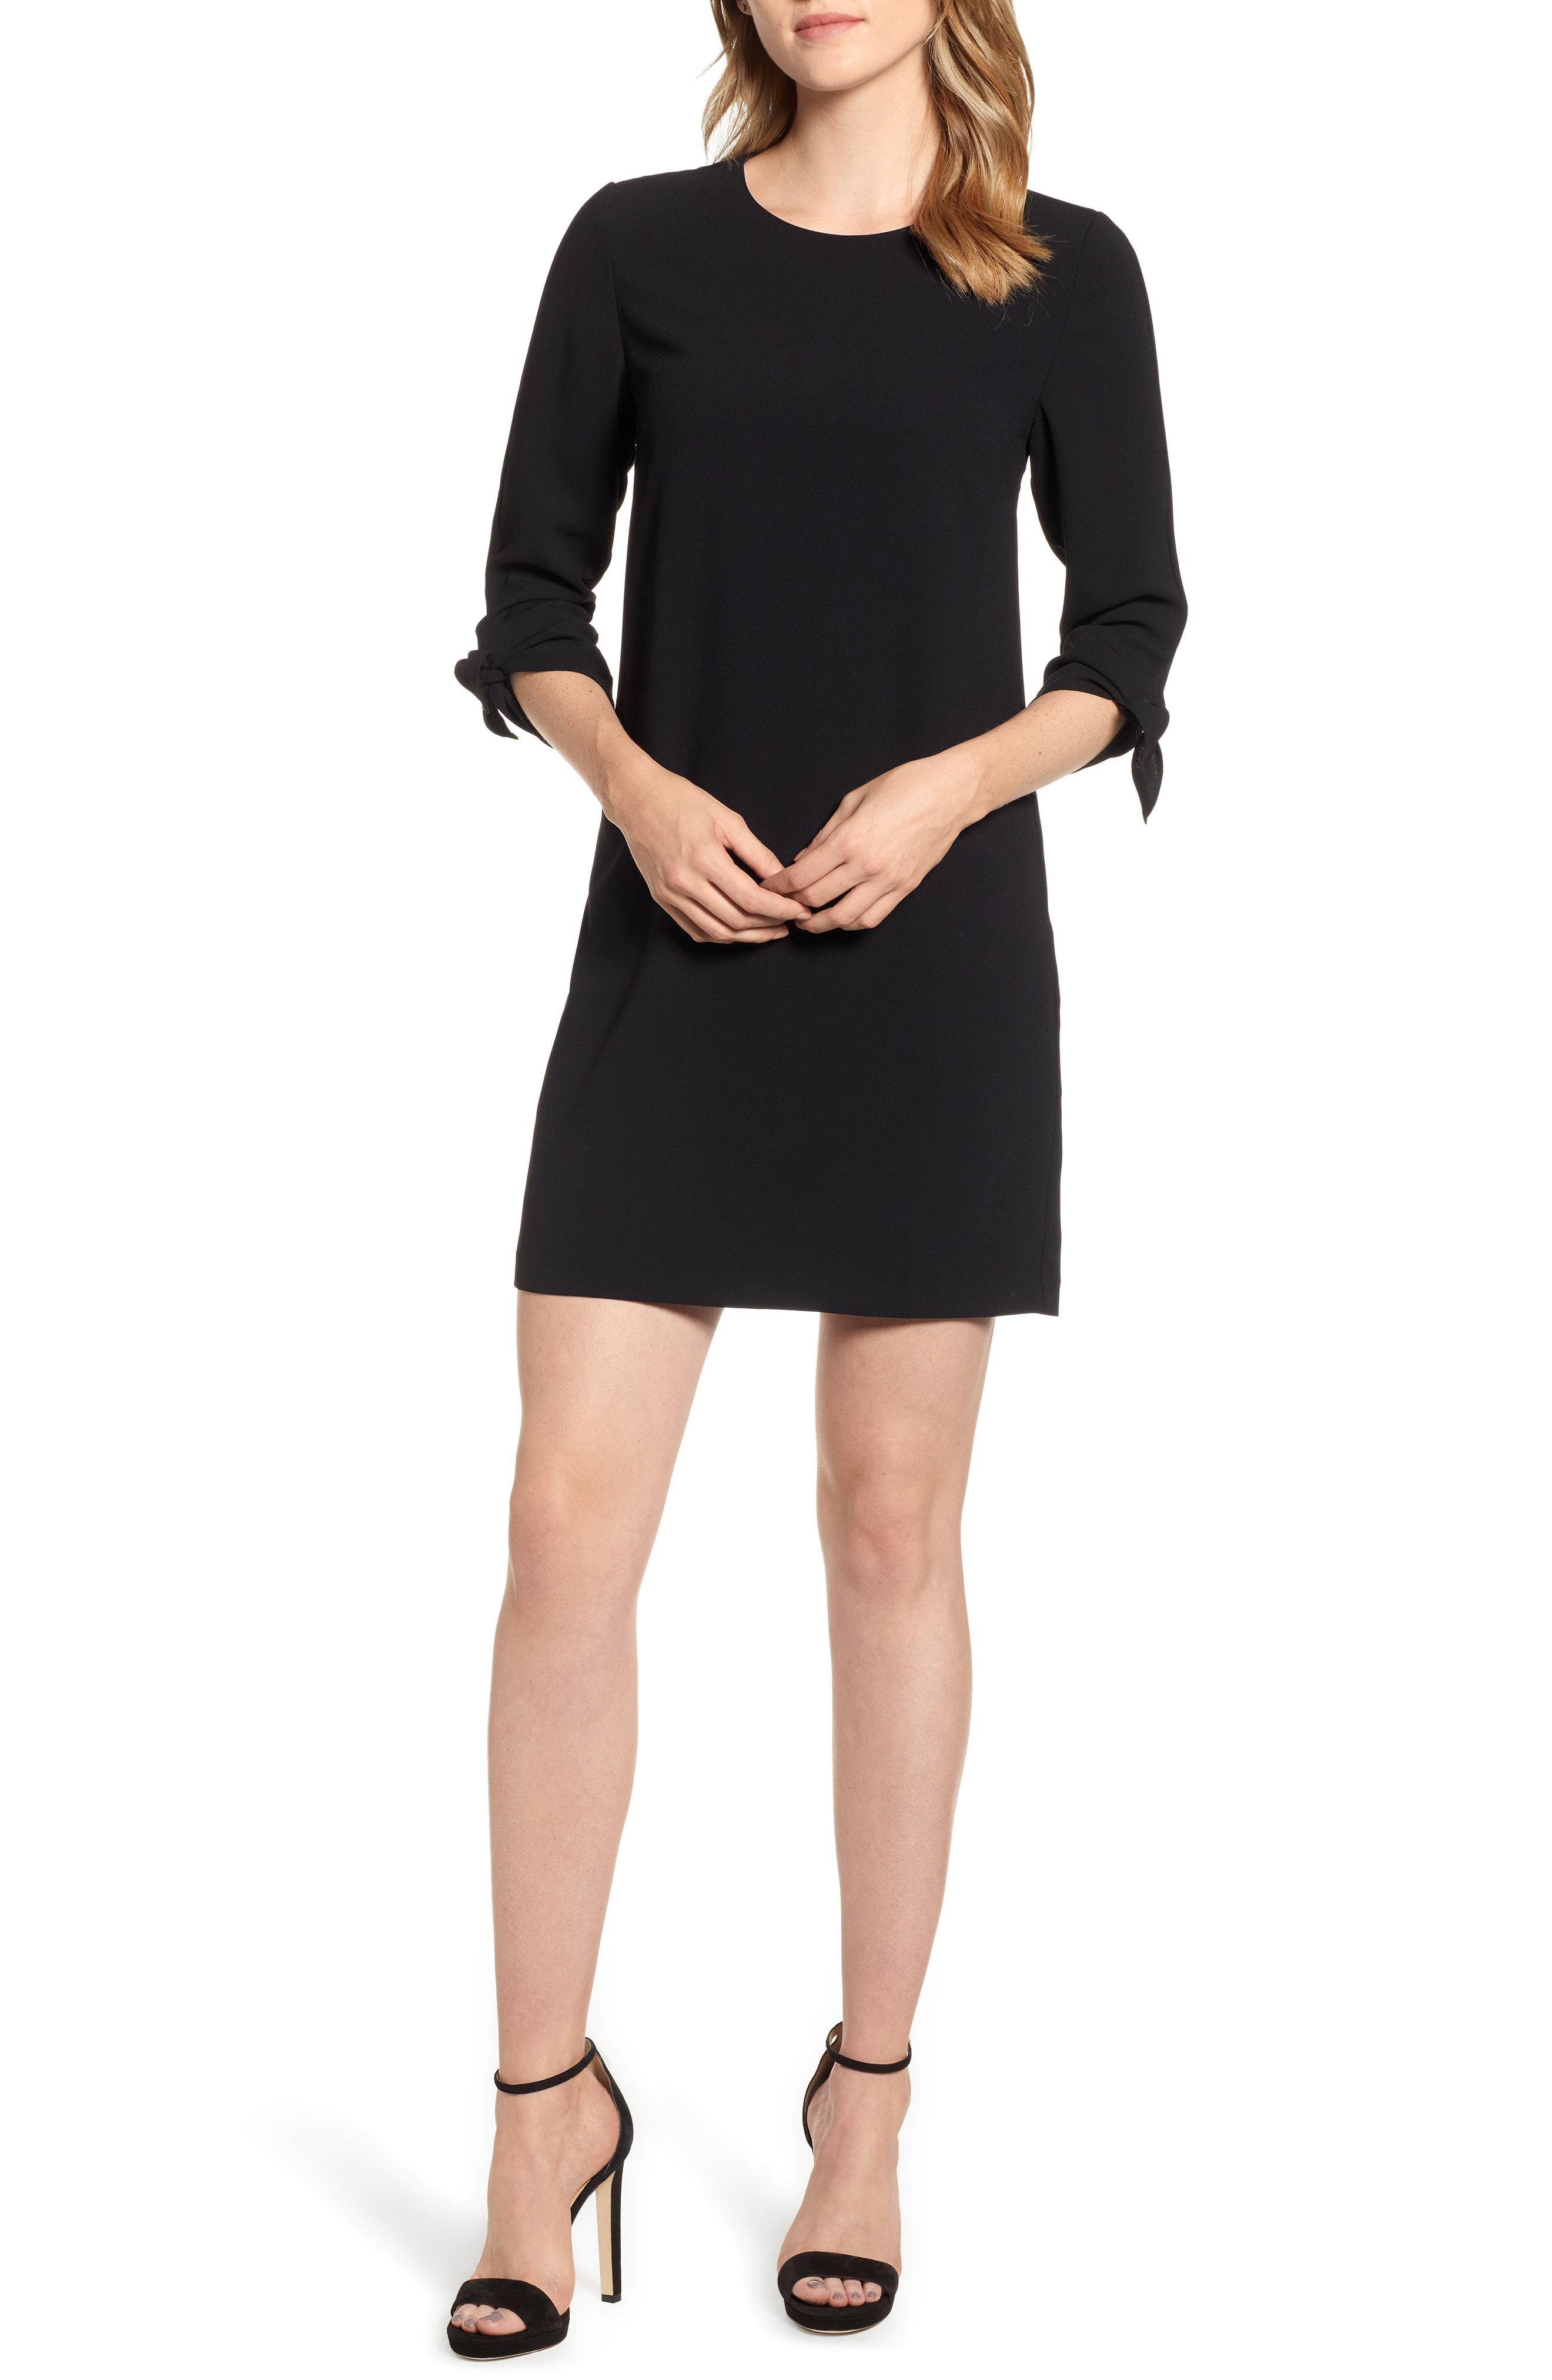 de53f83fd59bc Lyst - Cece Tie Sleeve Shift Dress in Black